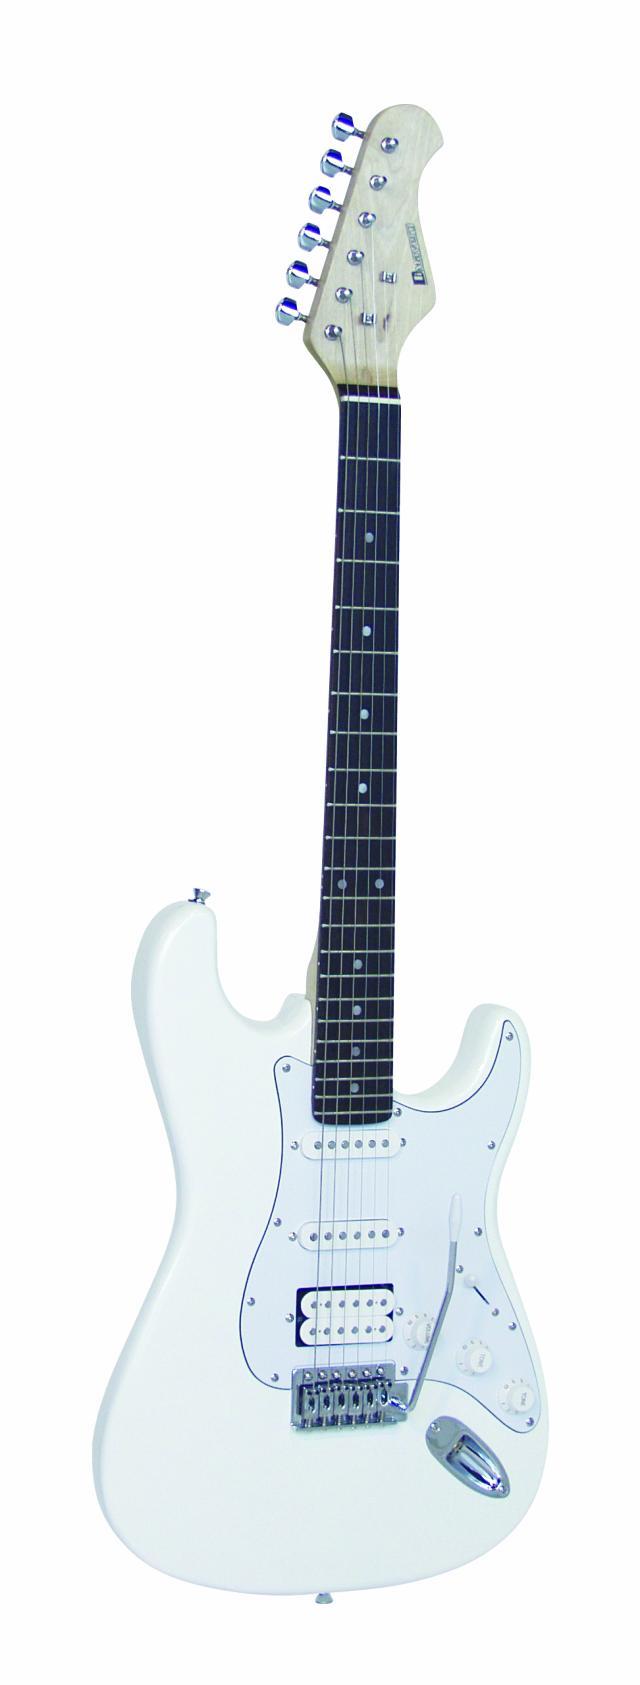 Dimavery ST-312 elektrická kytara, bílý